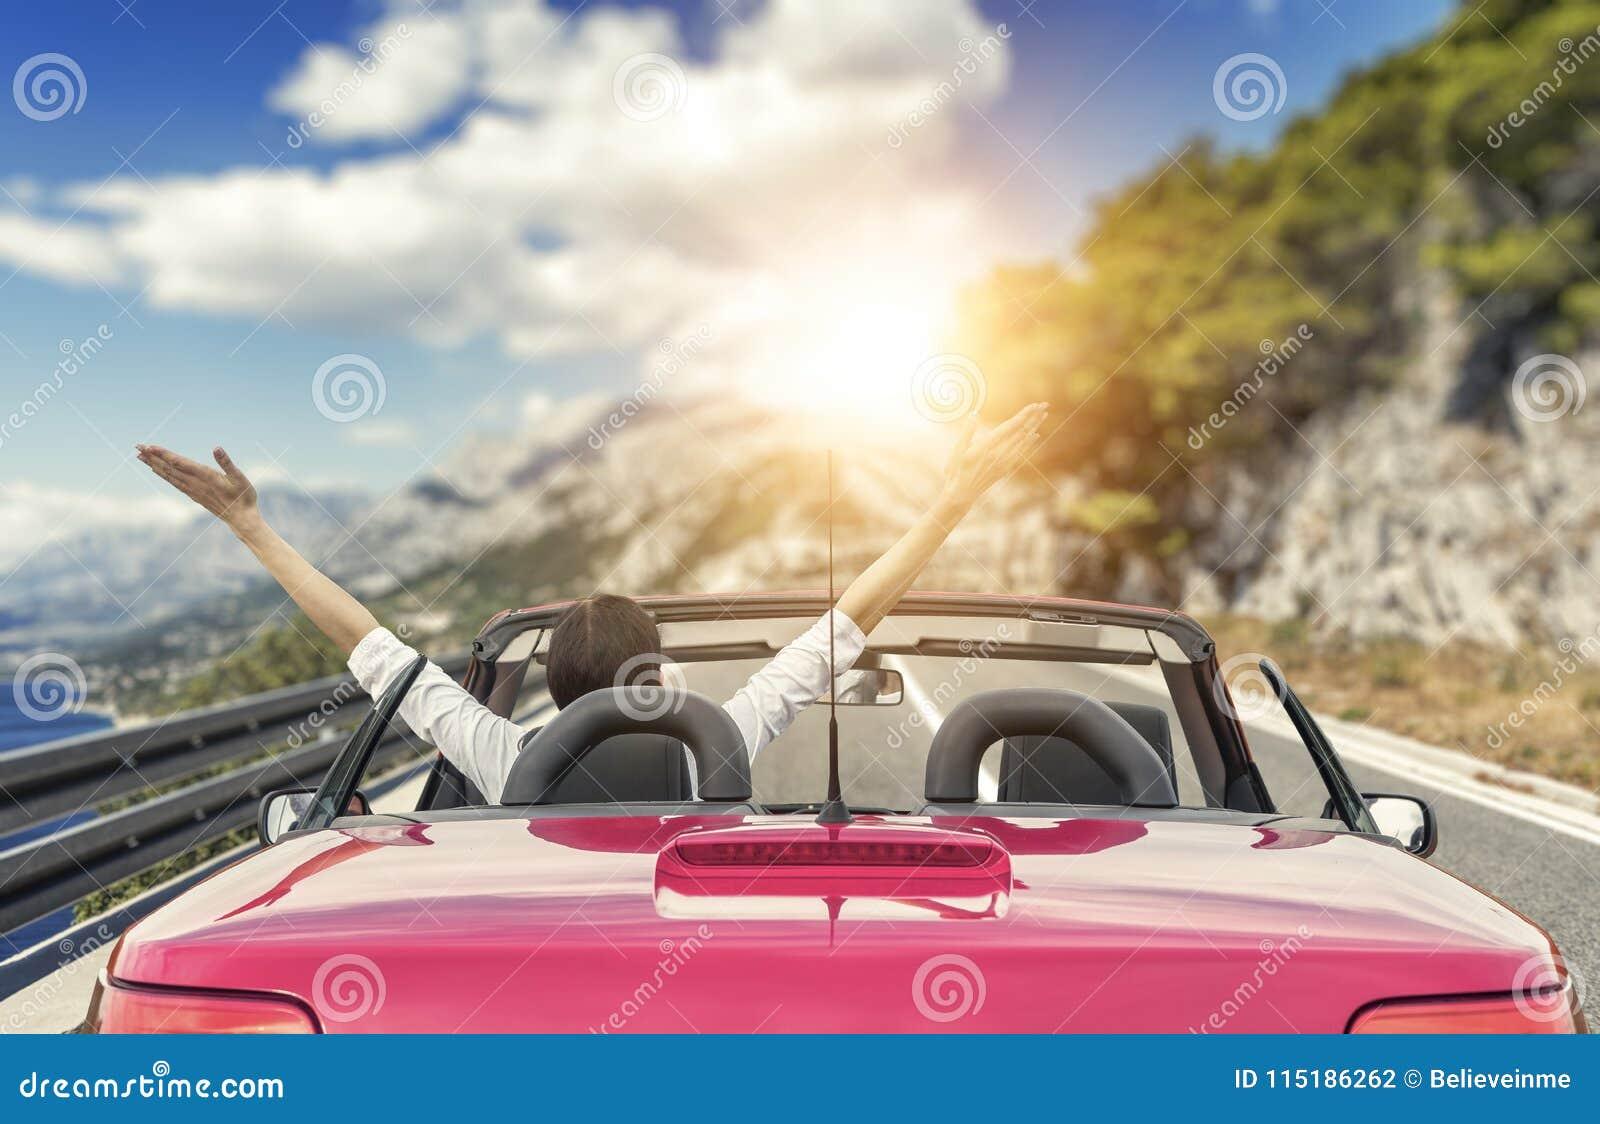 Młoda kobieta w samochodzie na drodze morze przeciw tłu piękne góry na słonecznym dniu